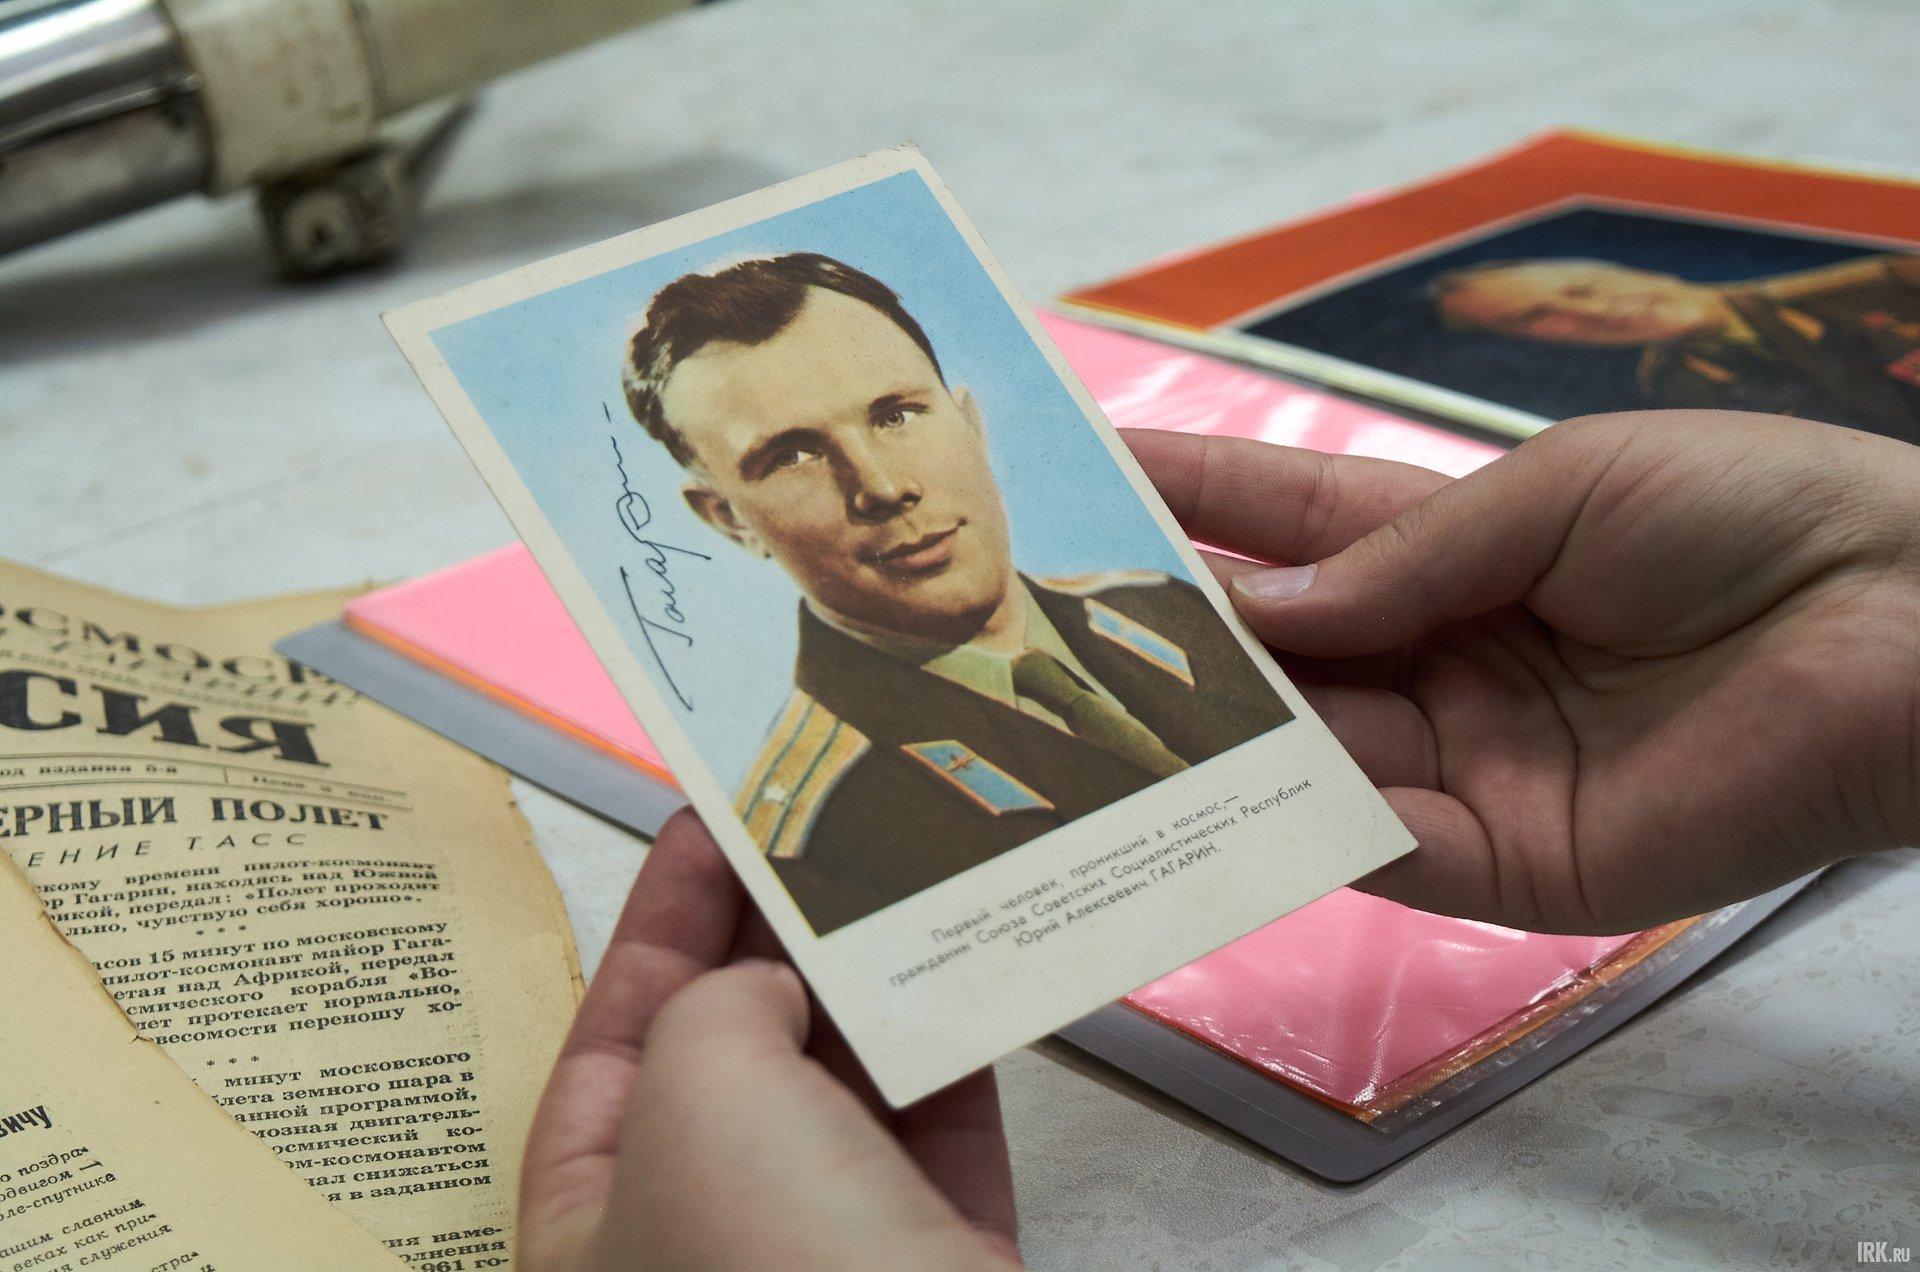 Открытка с изображением Юрия Гагарина пришла Сергею Язеву, когда он был ребенком